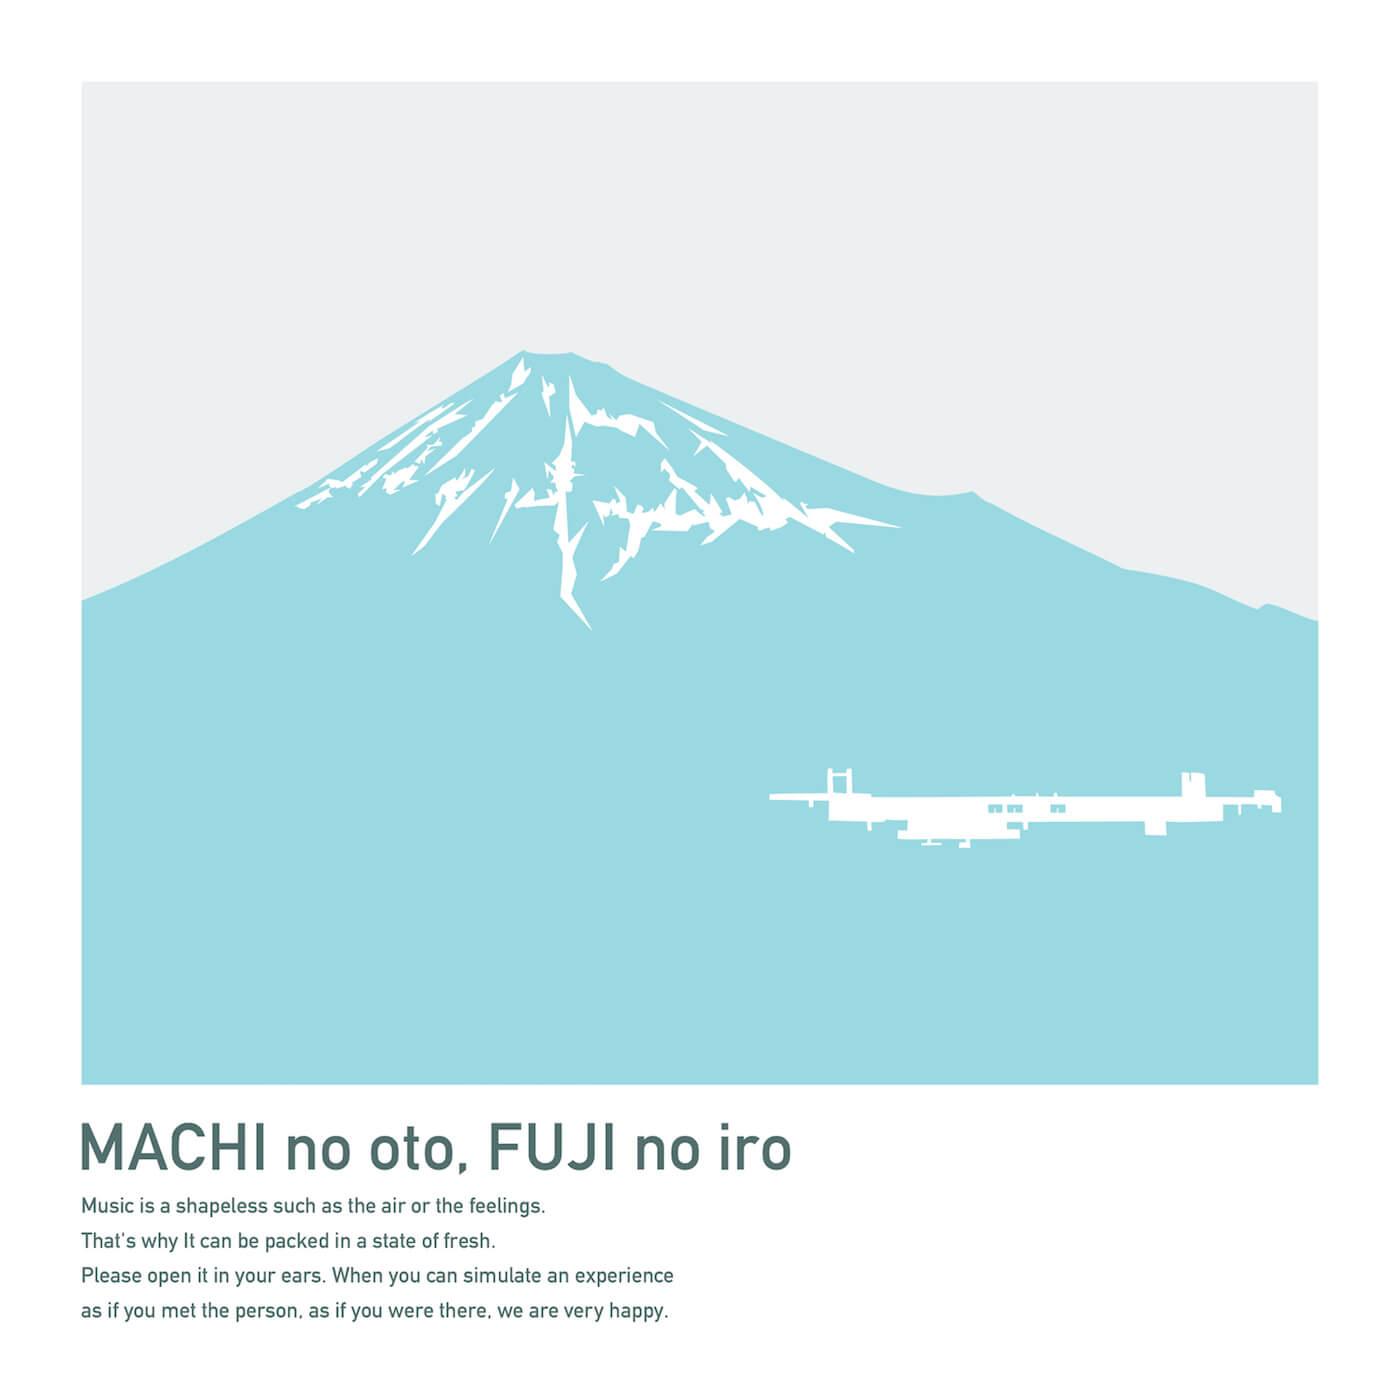 パラノア - paranoaマキシシングル『街の音、富士の色』ジャケット